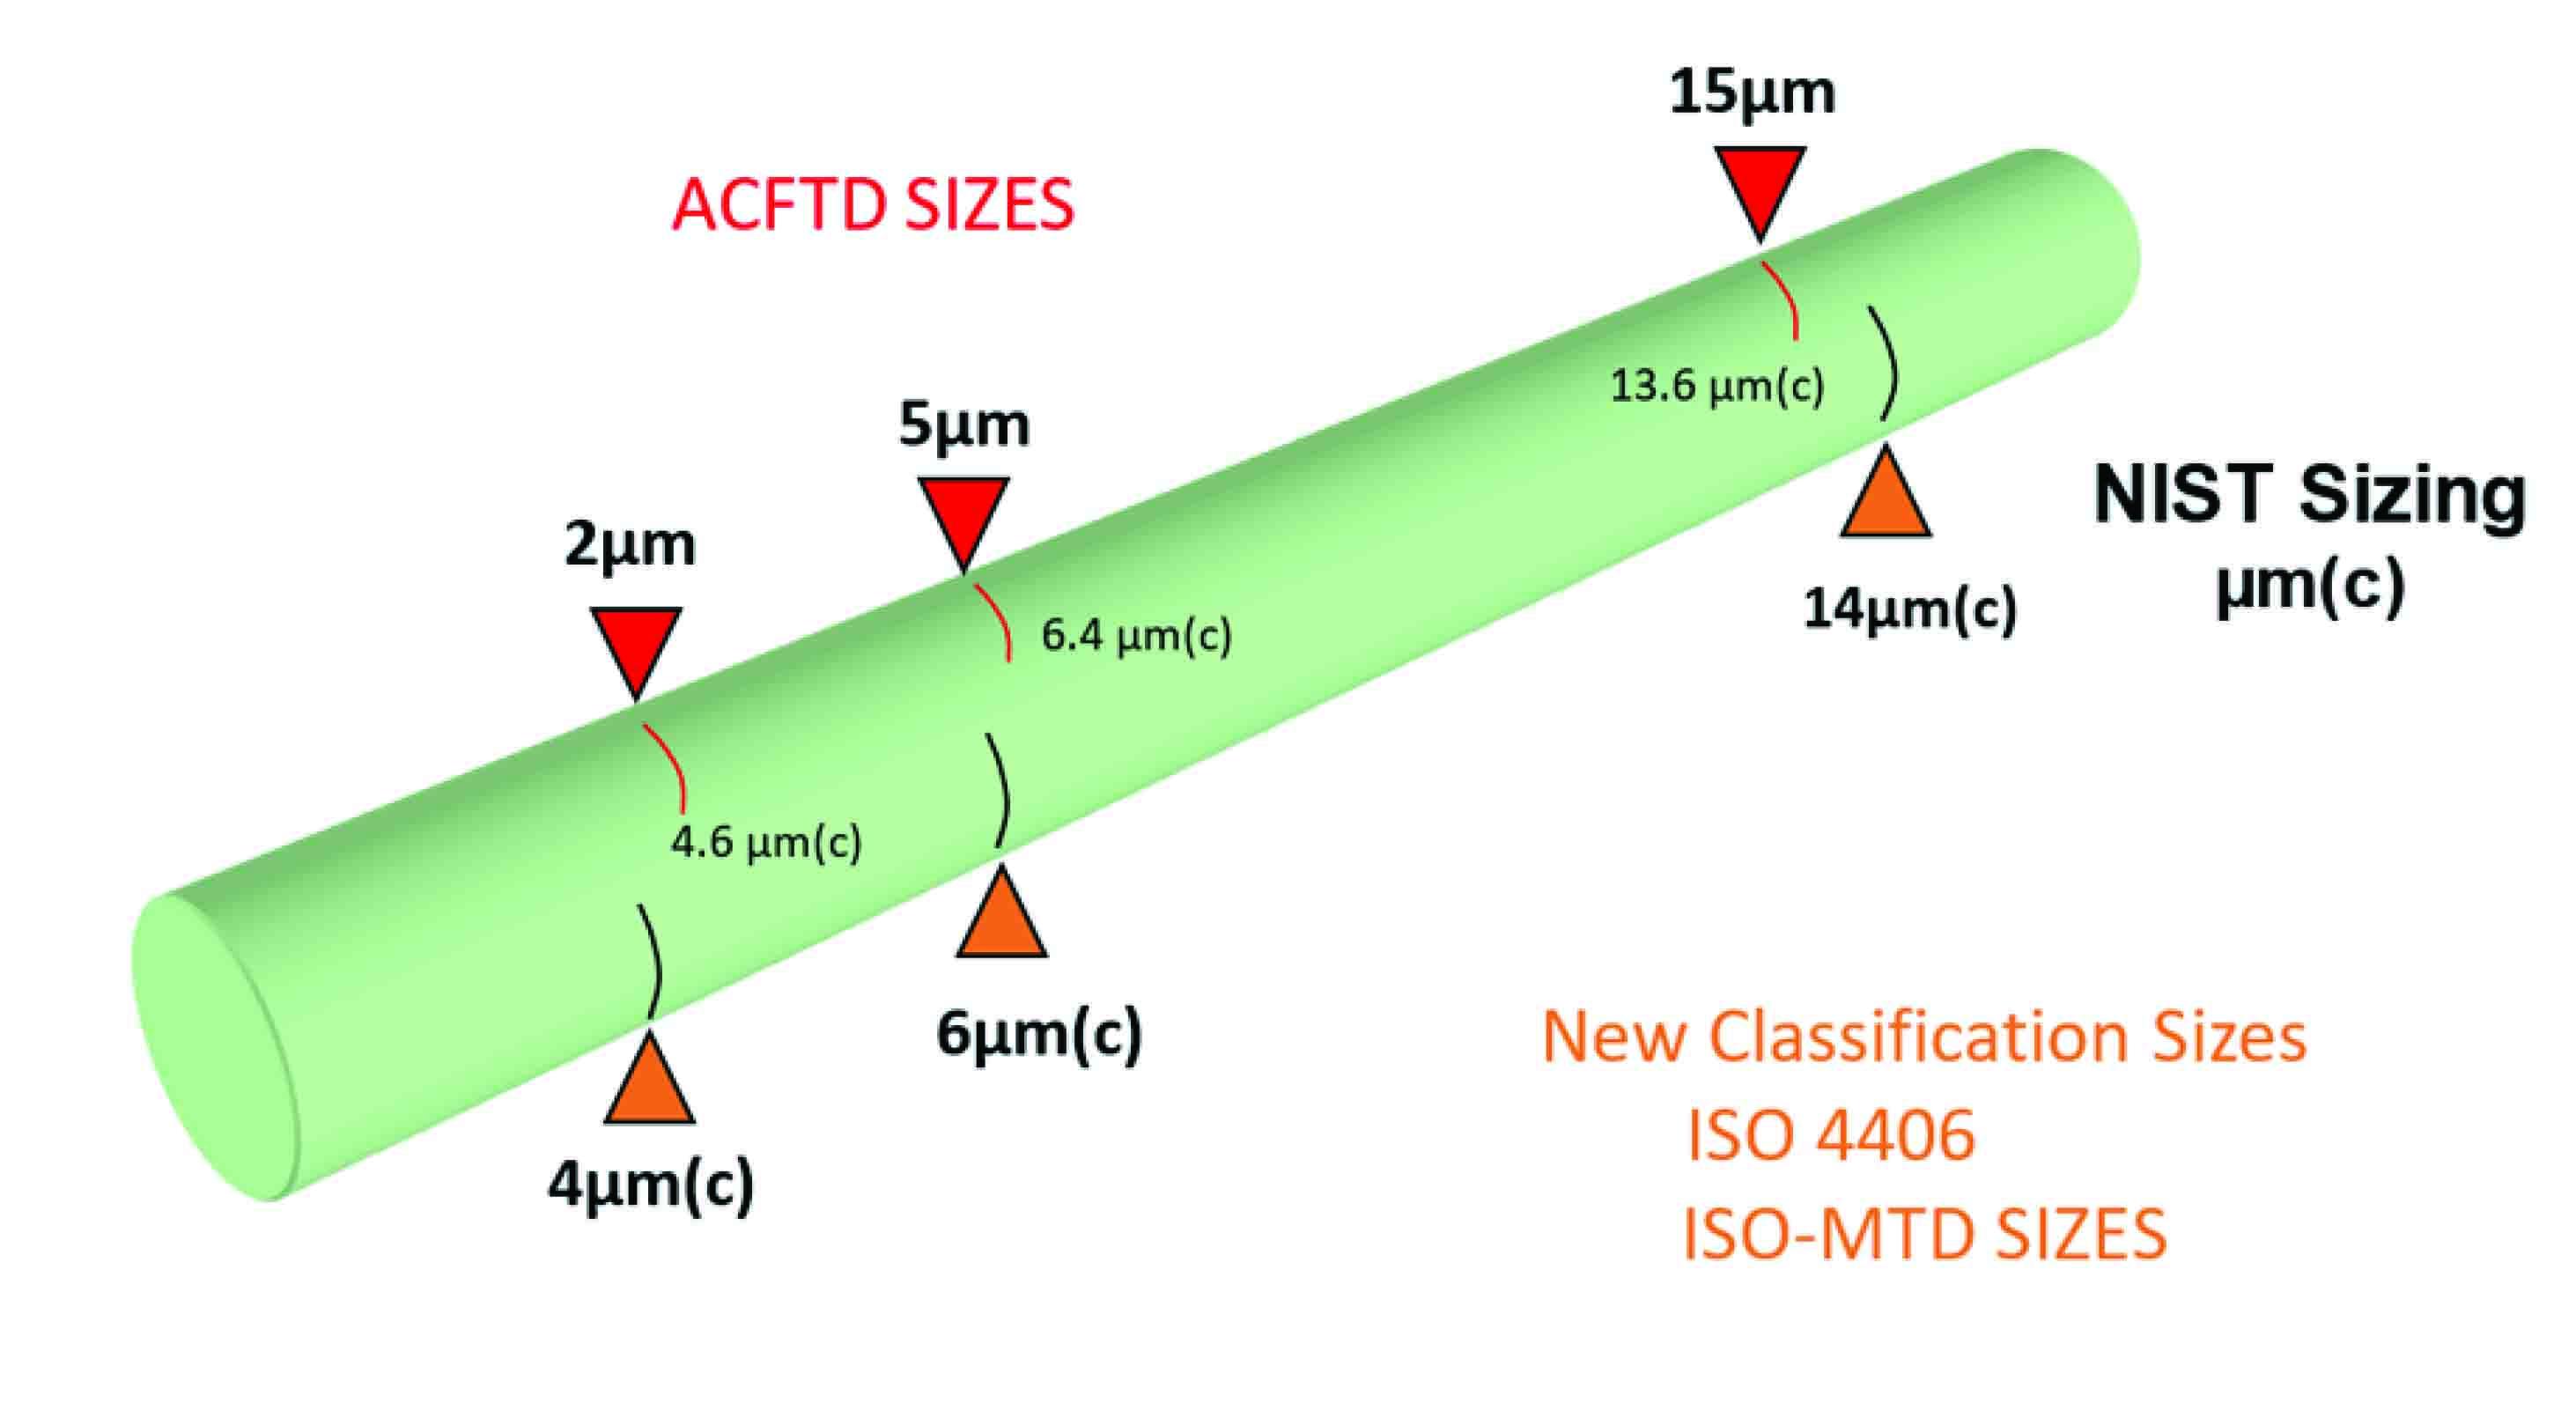 Tamaños de ACFTD - Nuevos tamaños de clasificación  TAMAÑOS ISO 4406 ISO-MTD